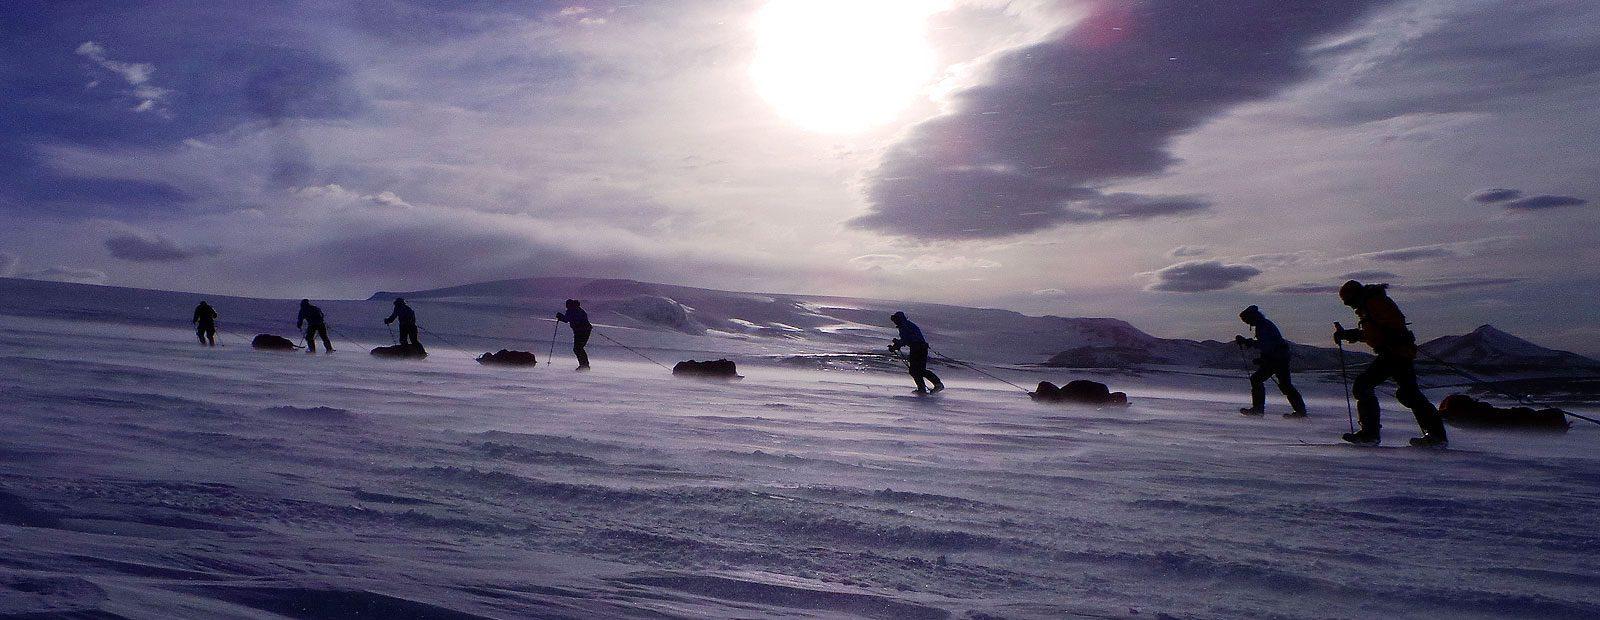 Pulks – Iceland